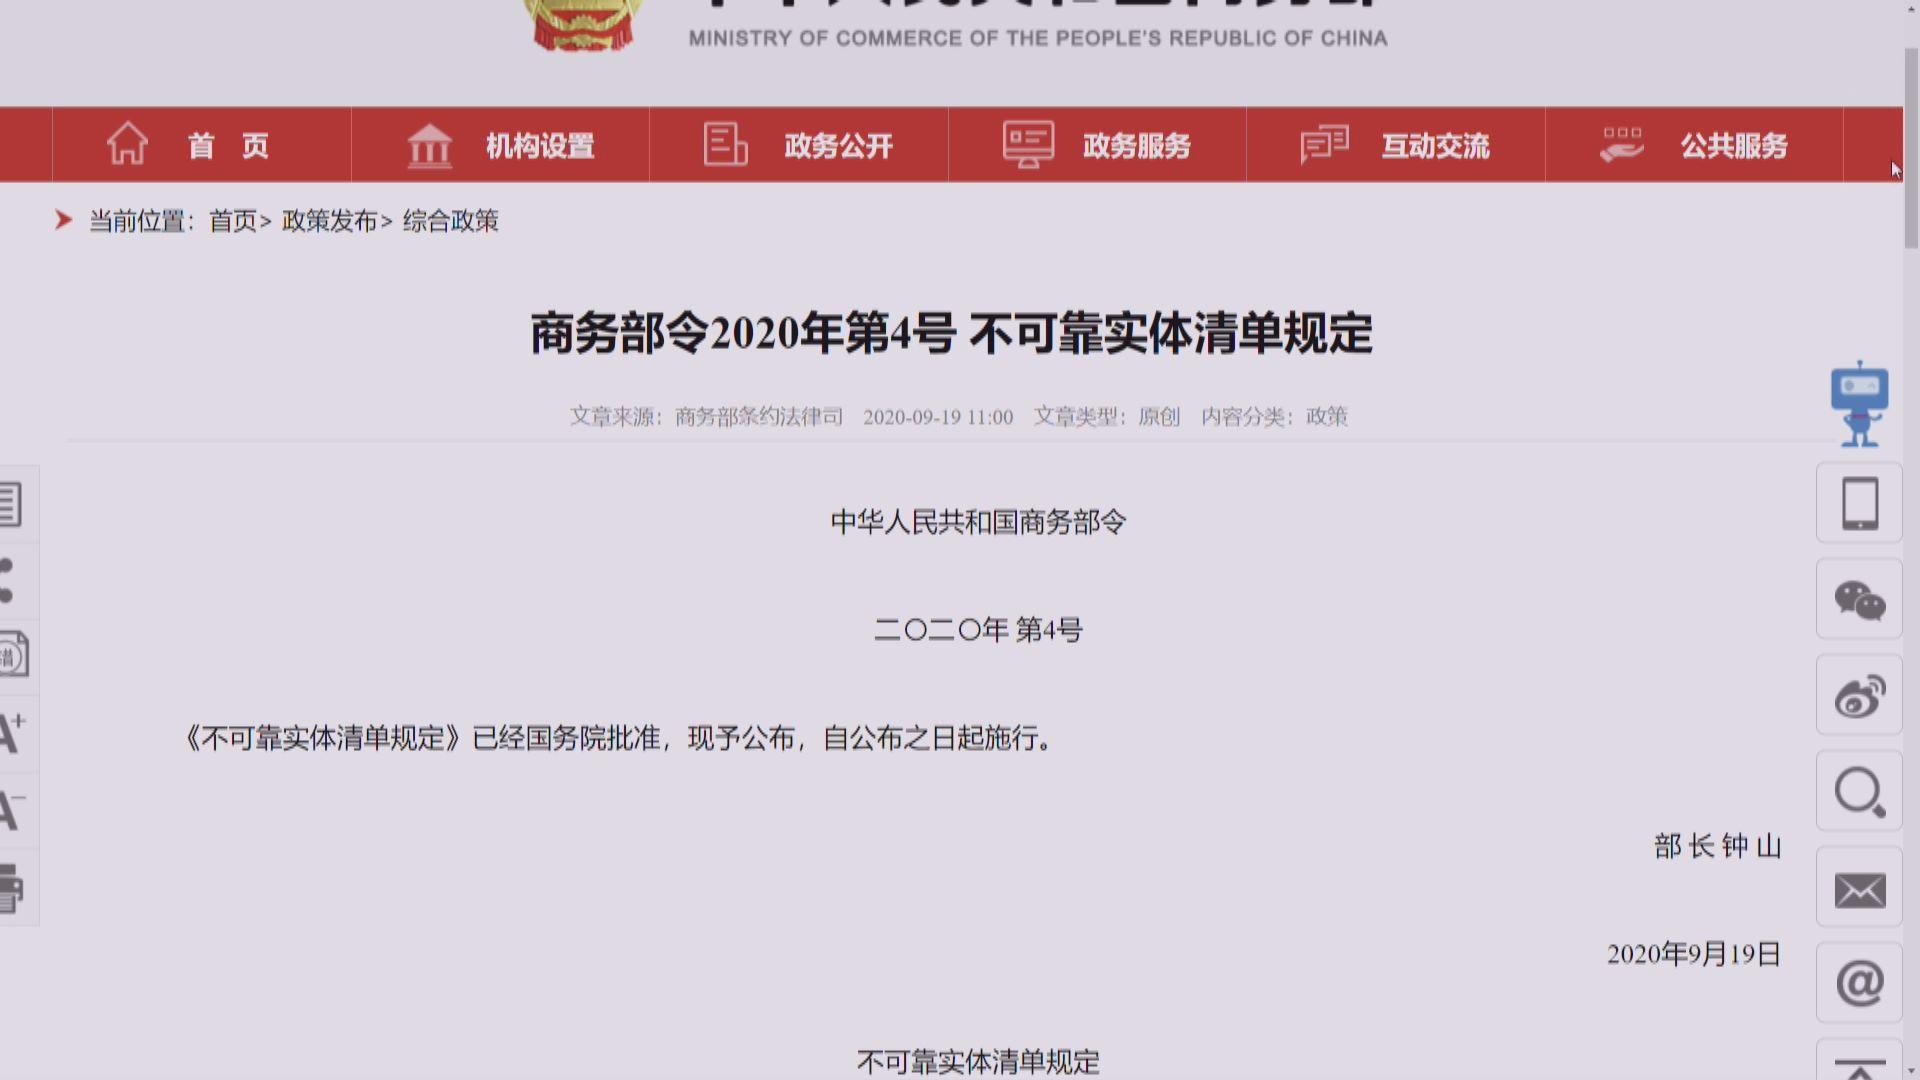 中國商務部批美方舉動損害中國企業合法權益